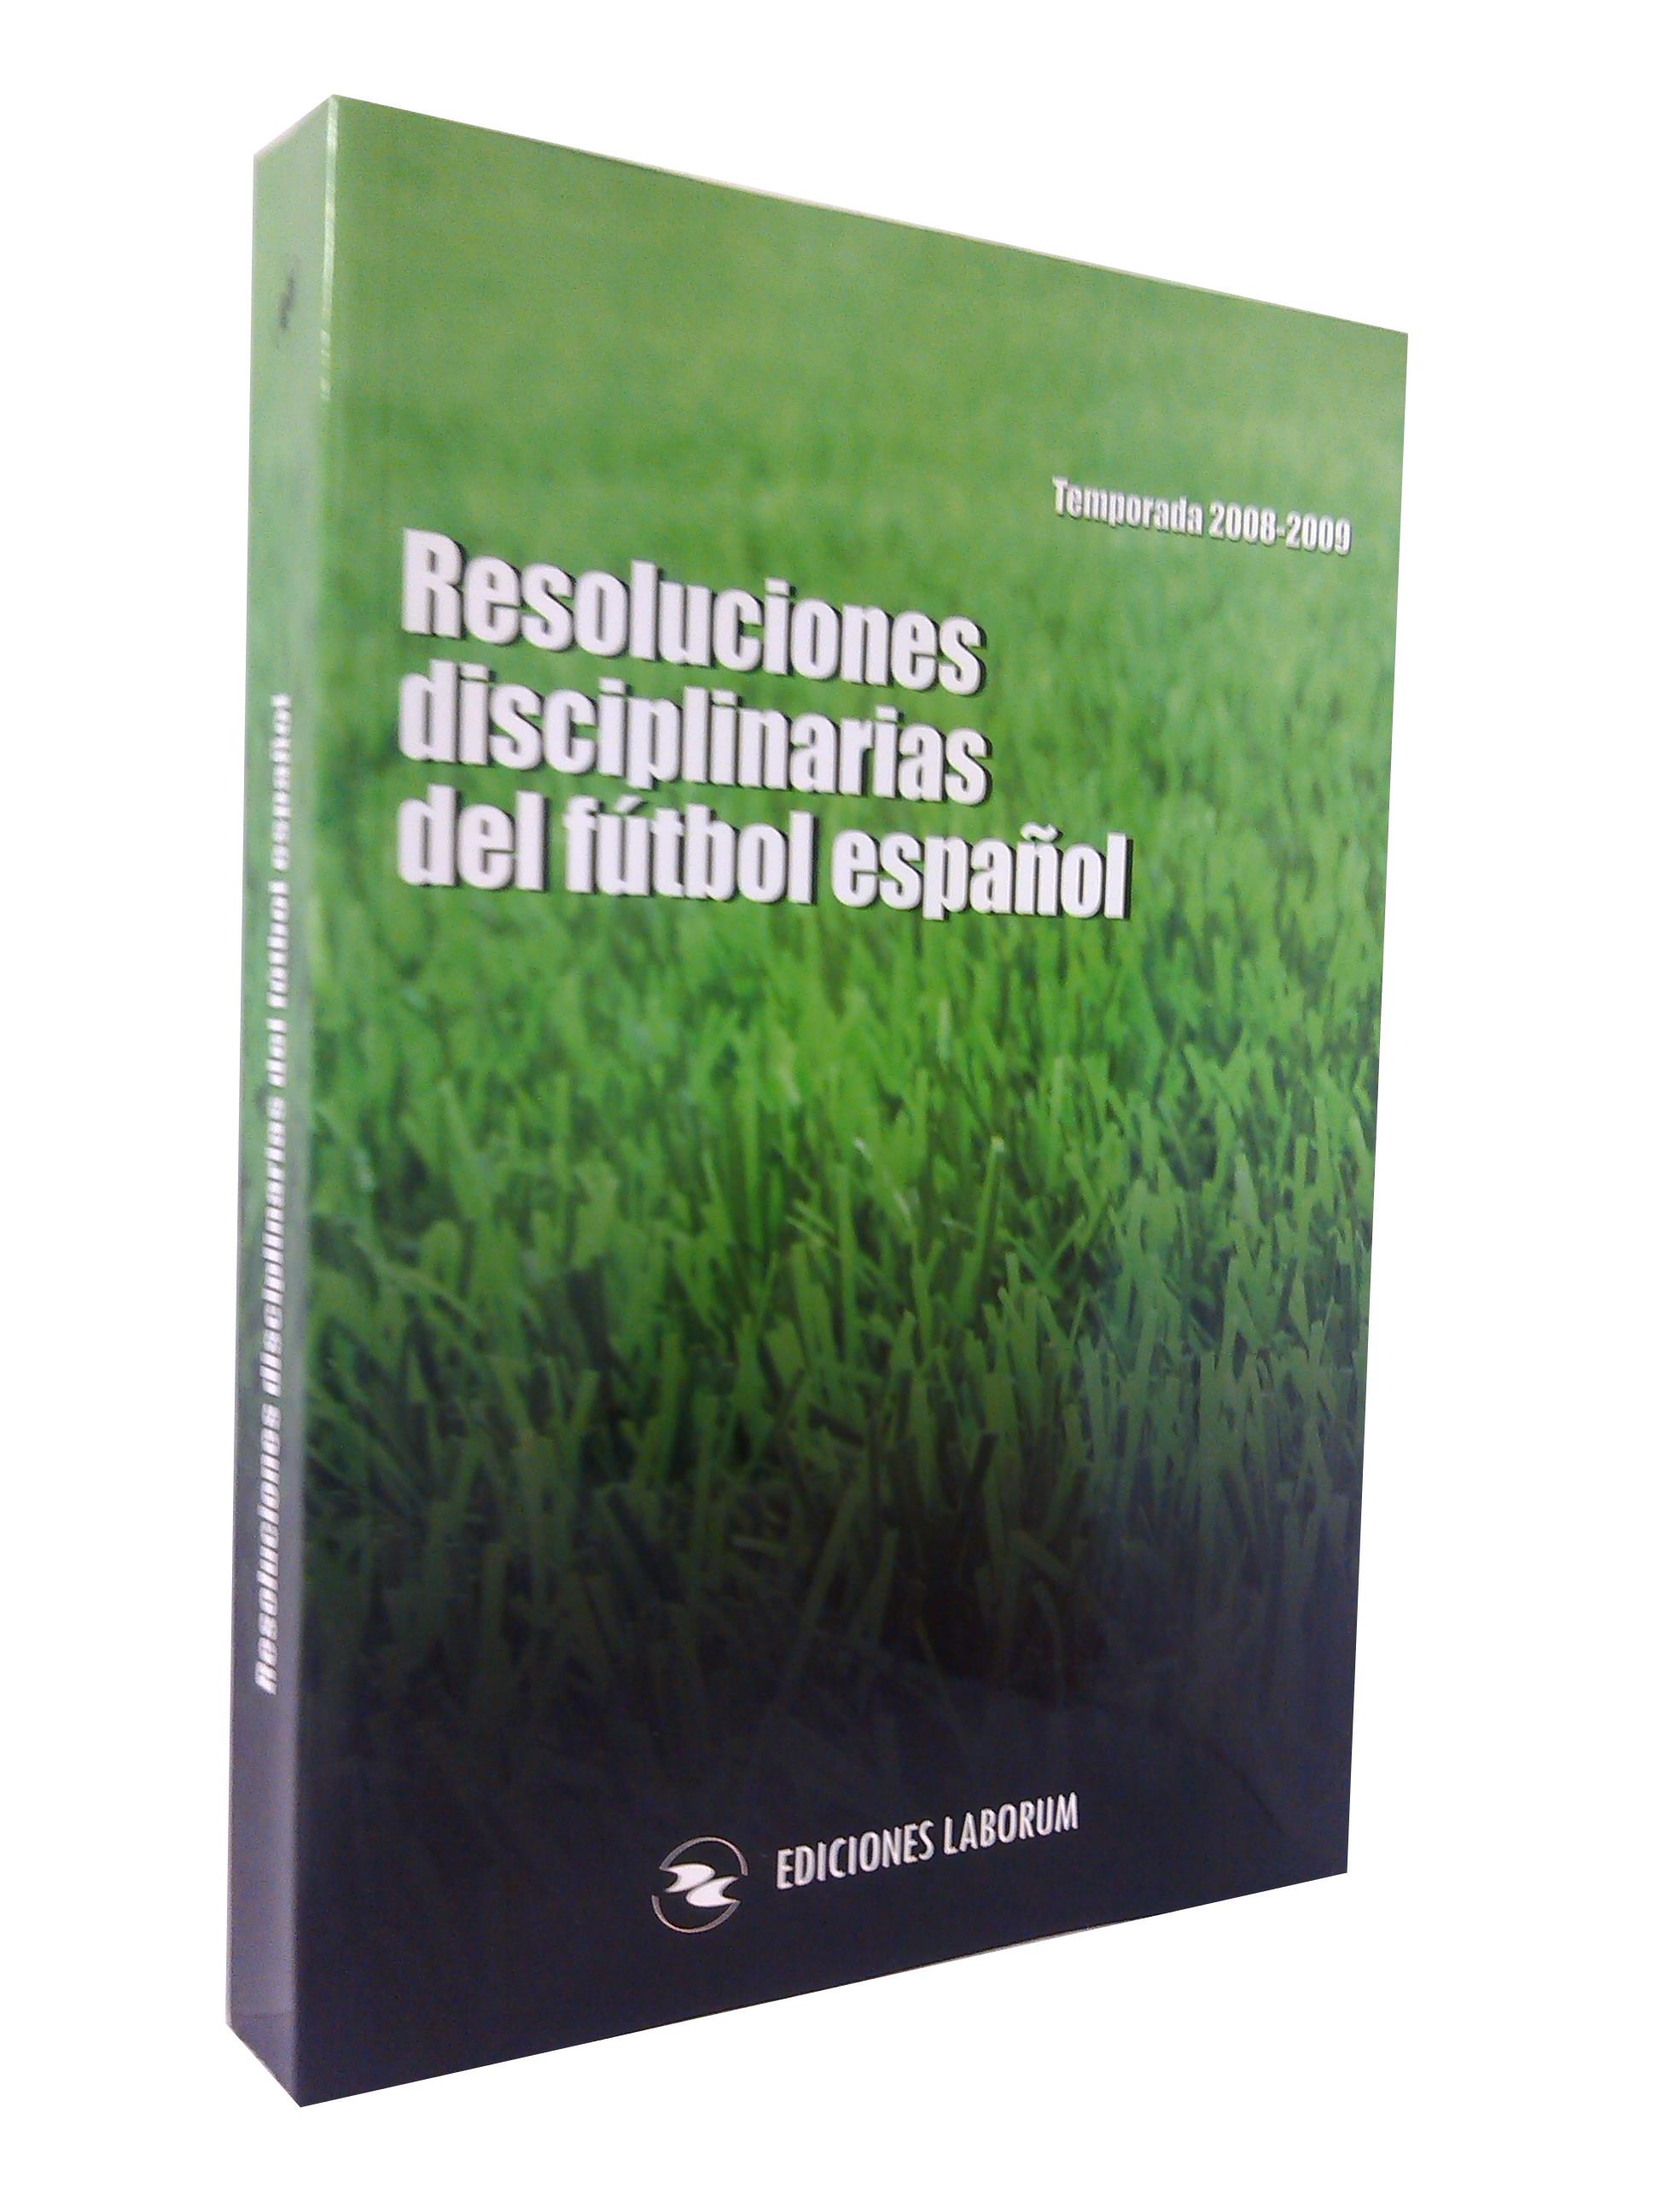 Resoluciones disciplinarias del fútbol español